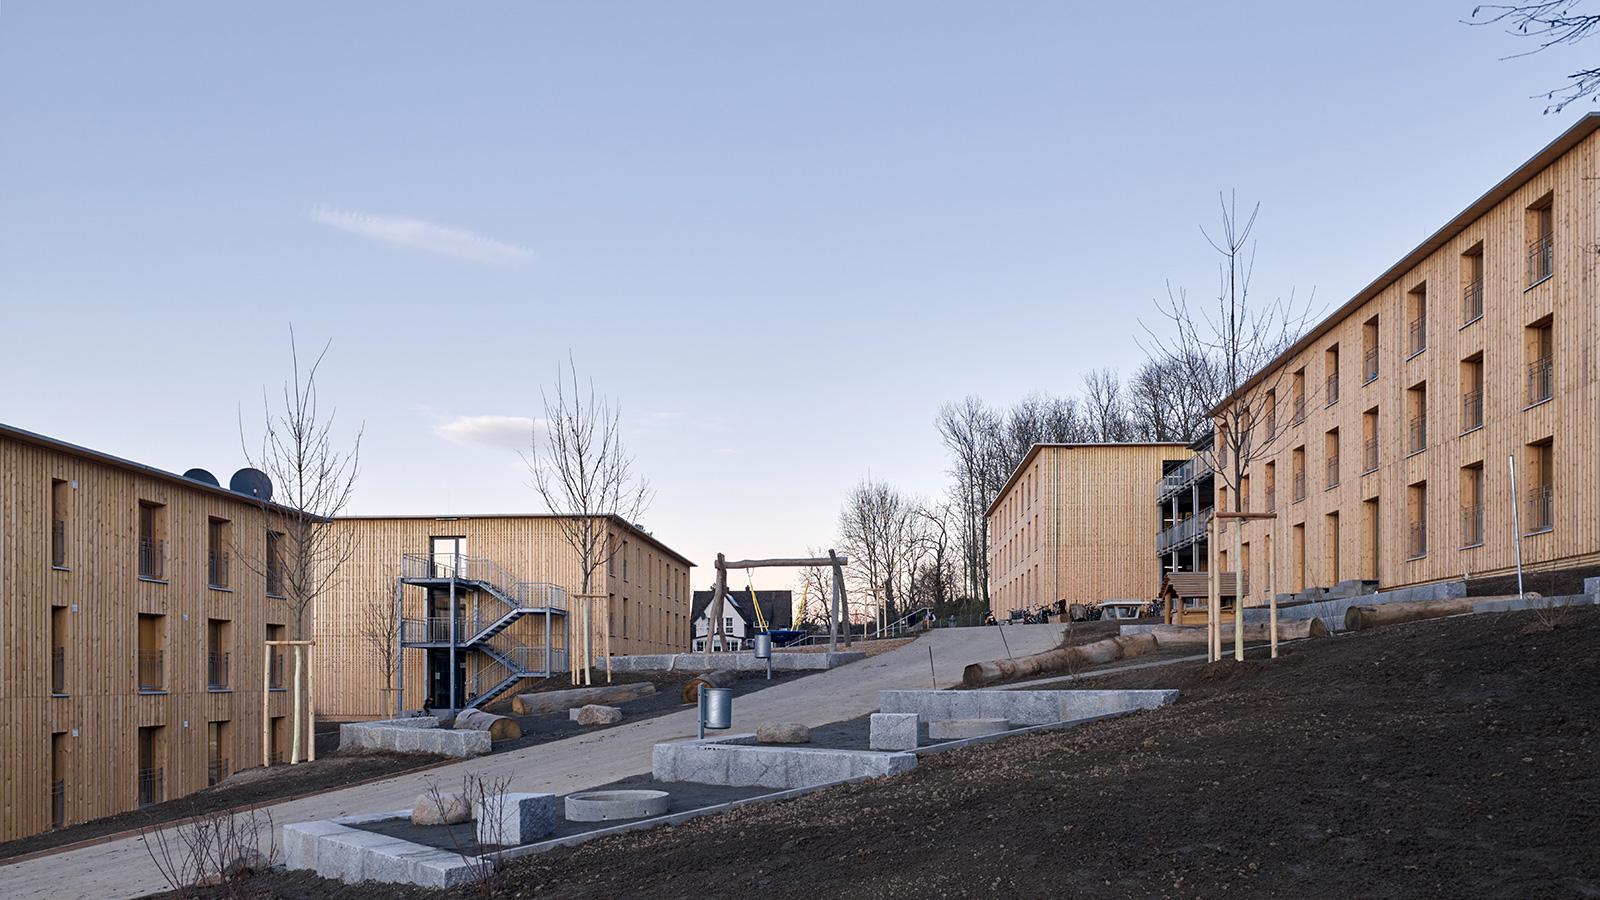 Stocker Dewes Architekten BDA – Wohnheime für Geflüchtete, Freiburg im Breisgau